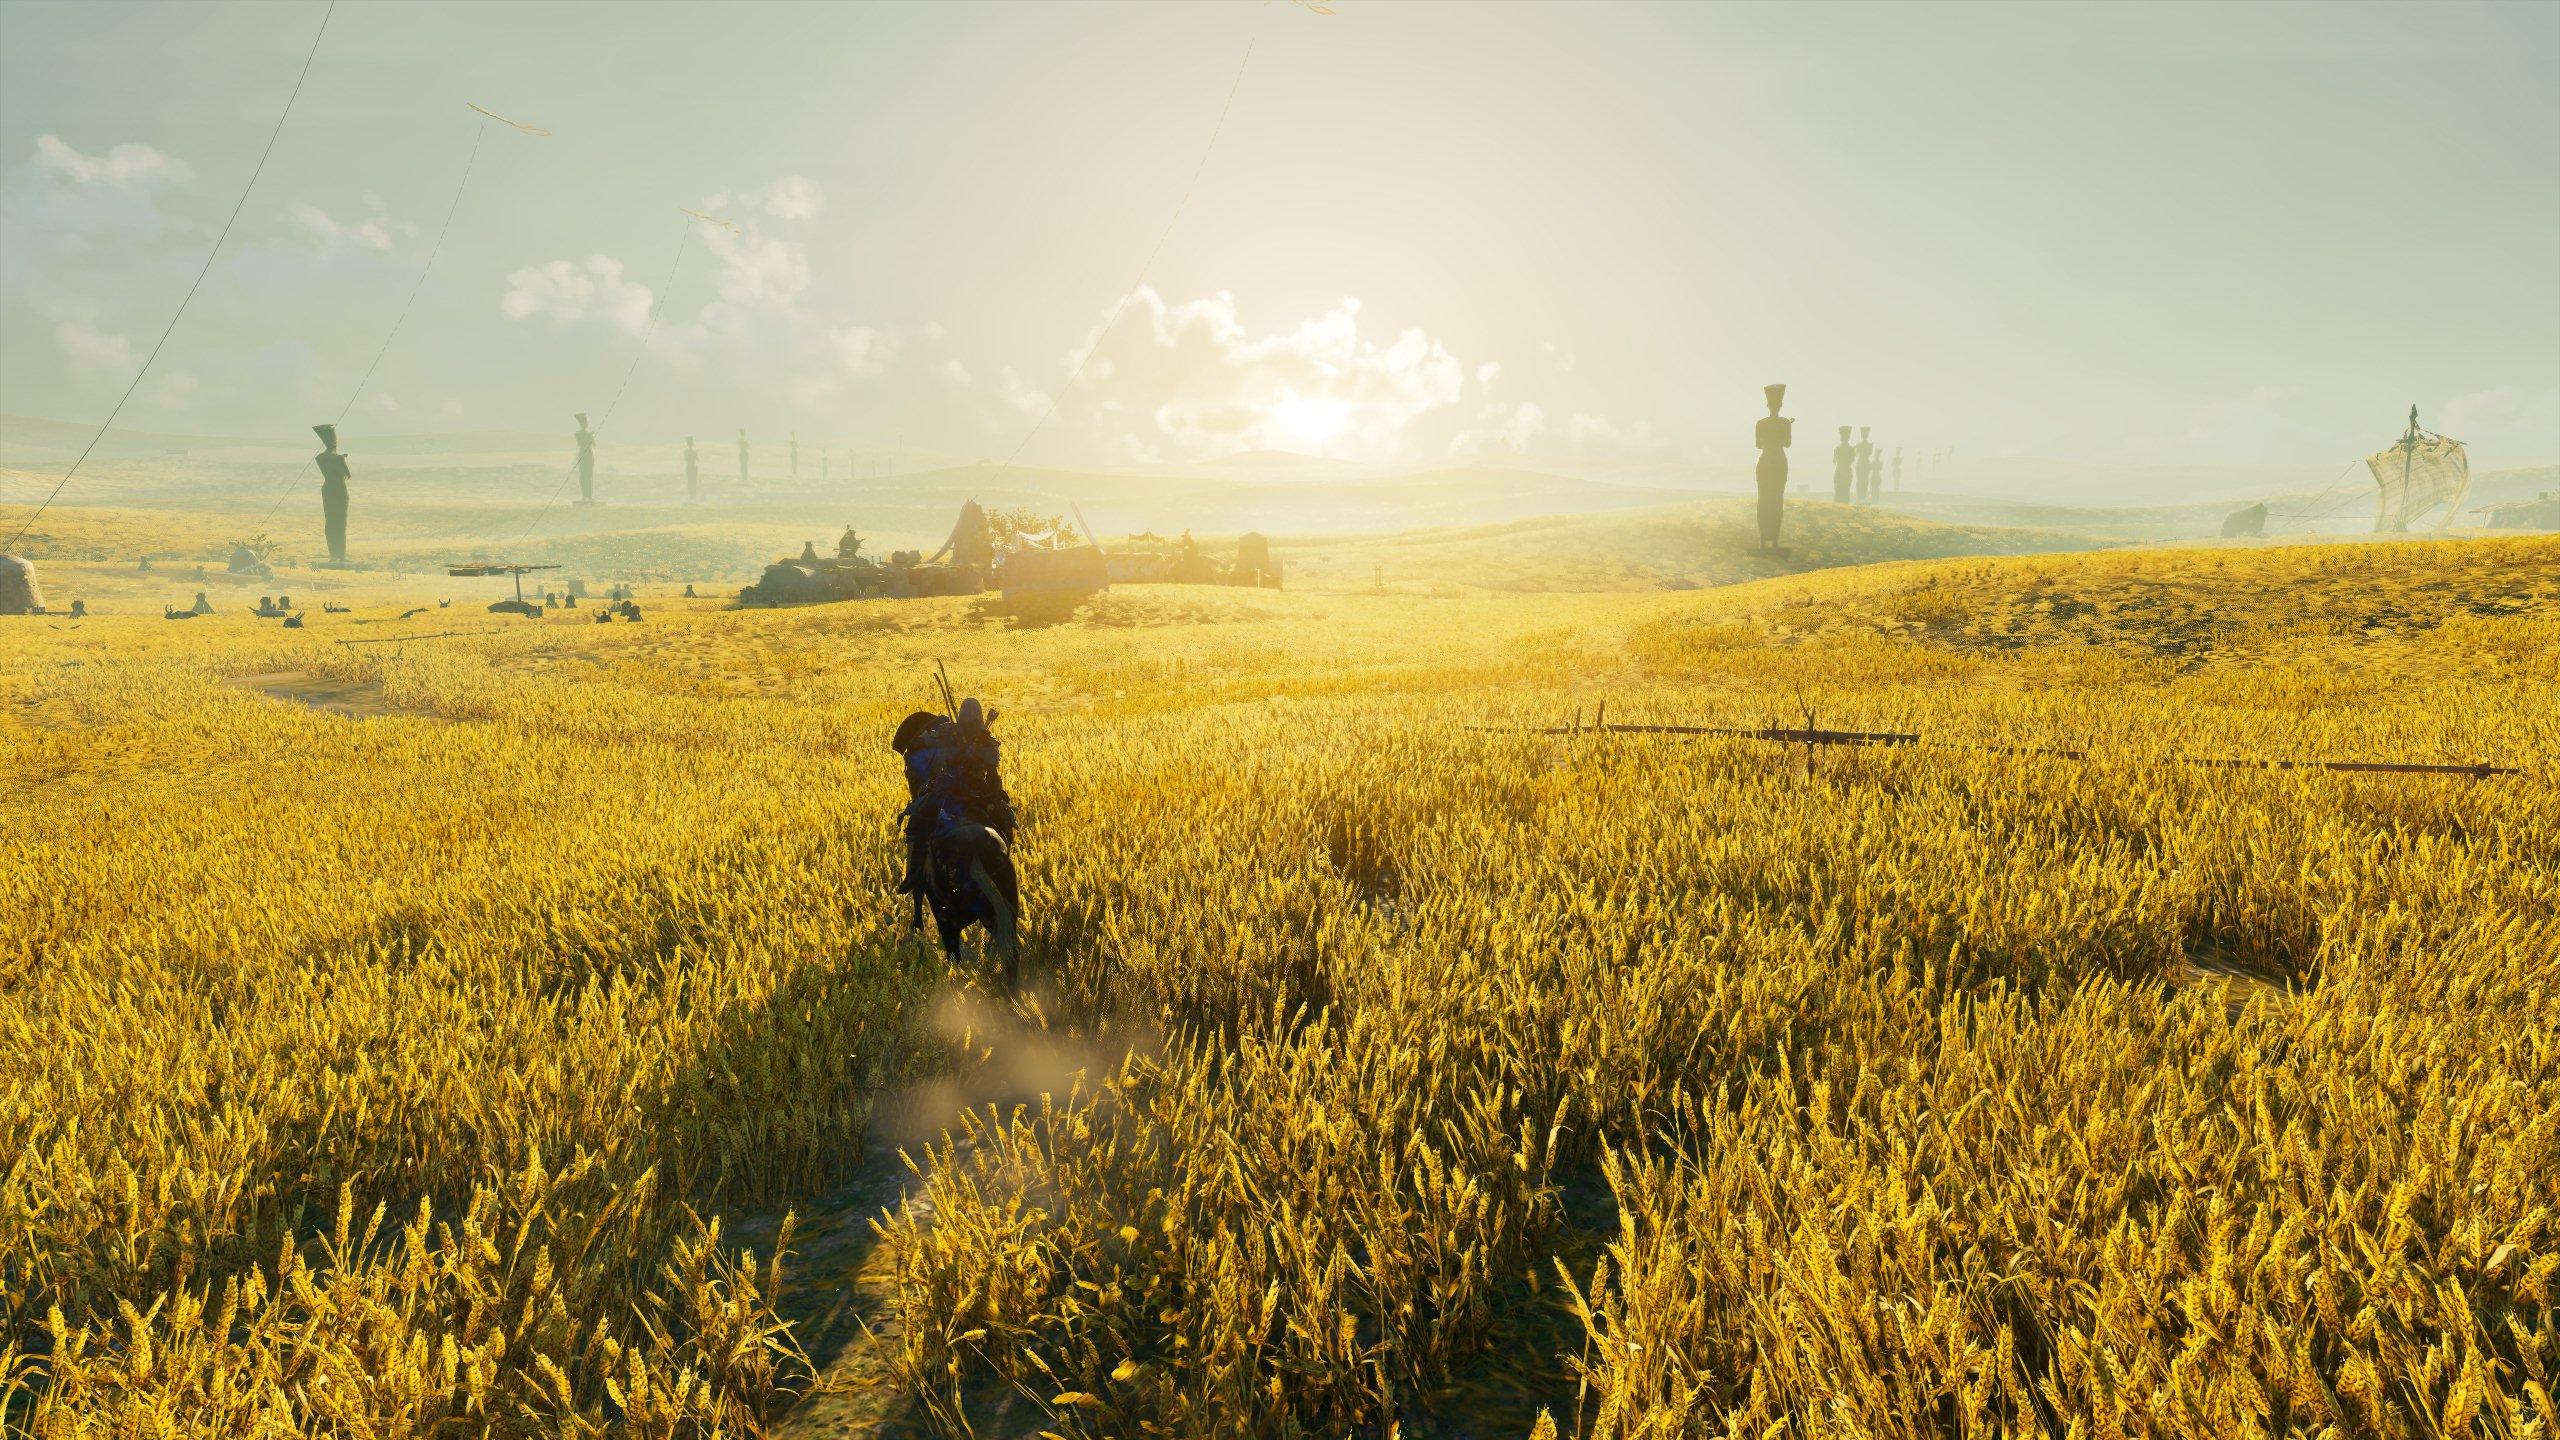 20200325190610.jpg - Assassin's Creed: Origins